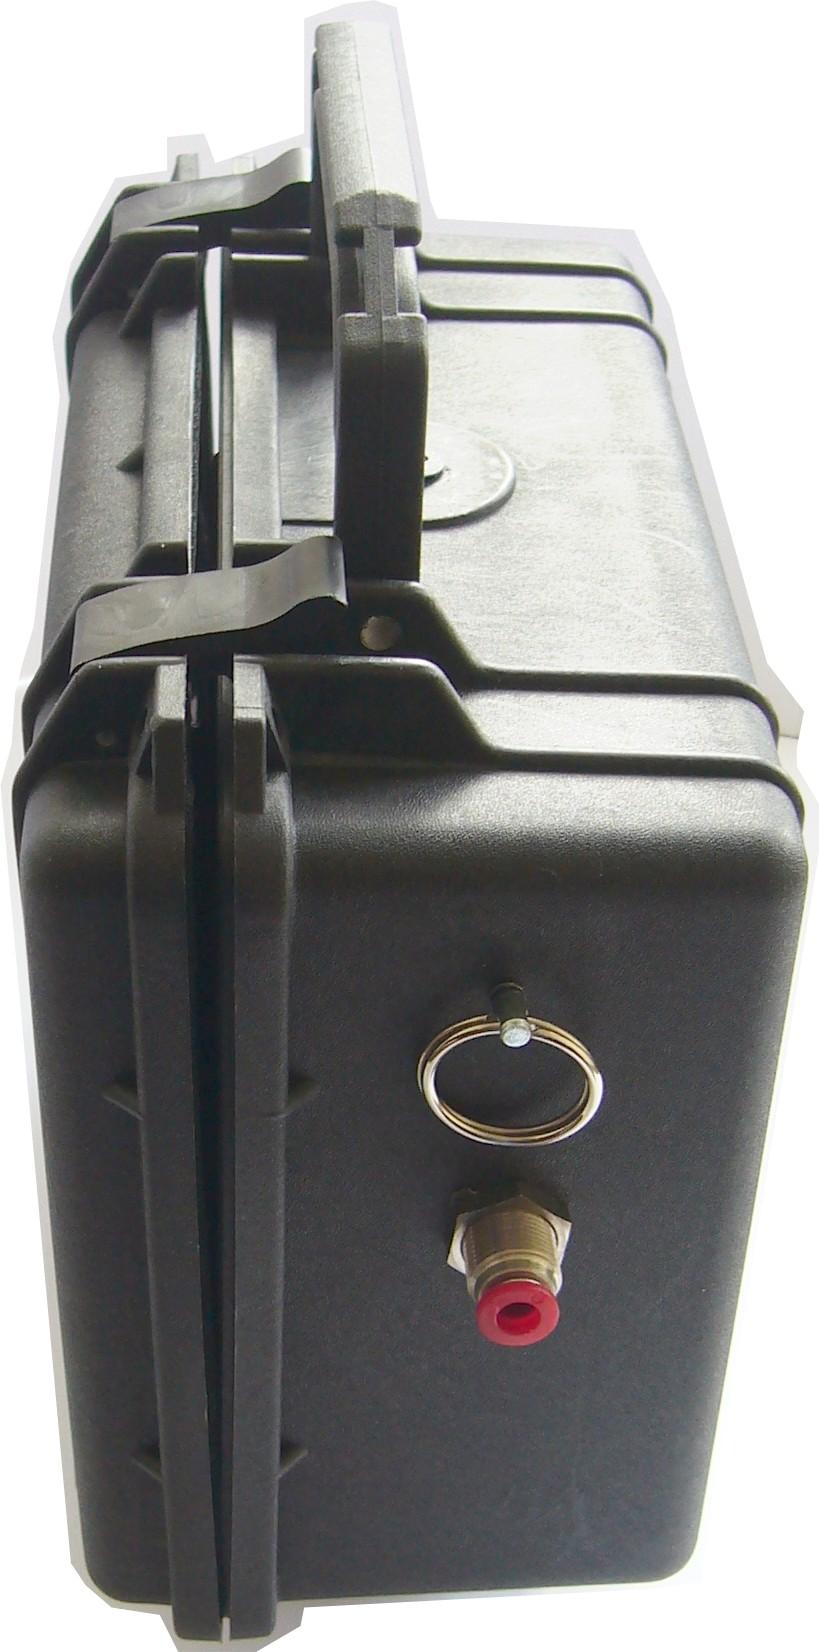 Gazcal Chlorine Gas Generator